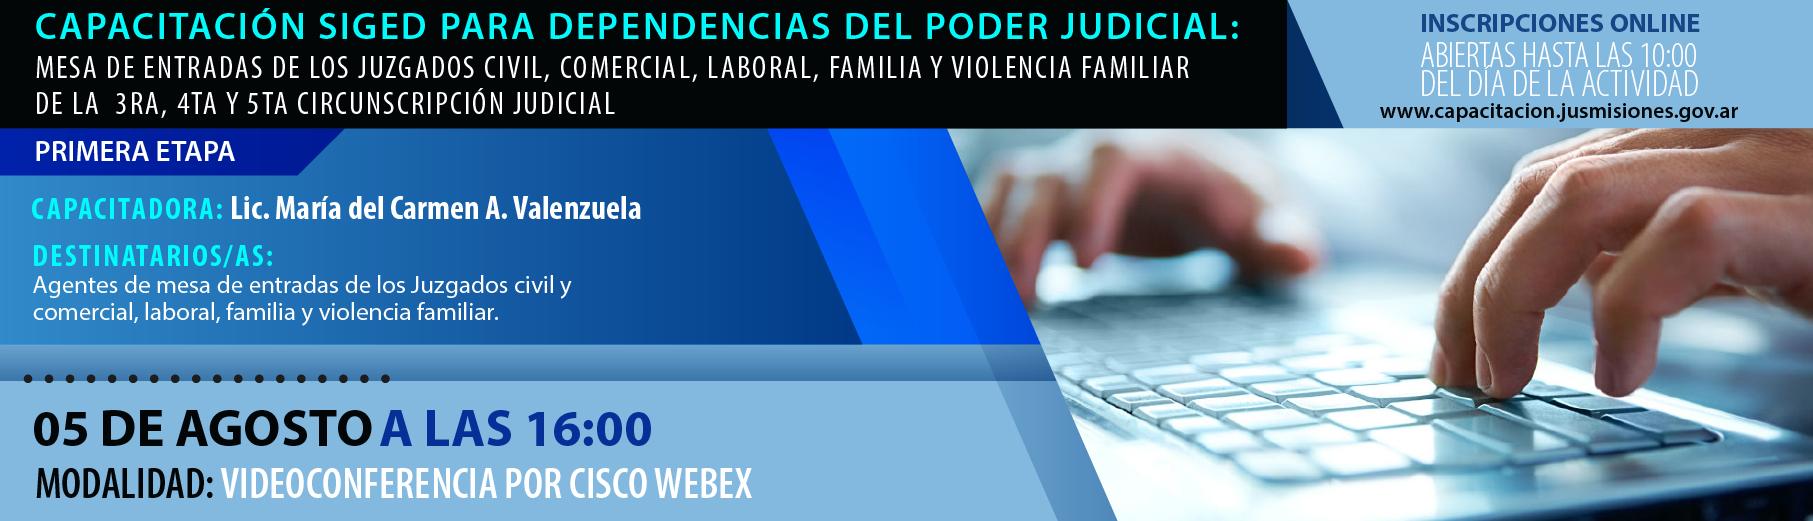 Capacitación Siged Para Dependencias Del Poder Judicial: Mesa de Entradas de los Juzgados Civil, Comercial, Laboral, Familia Y Violencia Familiar de la 3ra, 4ta y 5ta Circunscripción Judicial - Primera Etapa